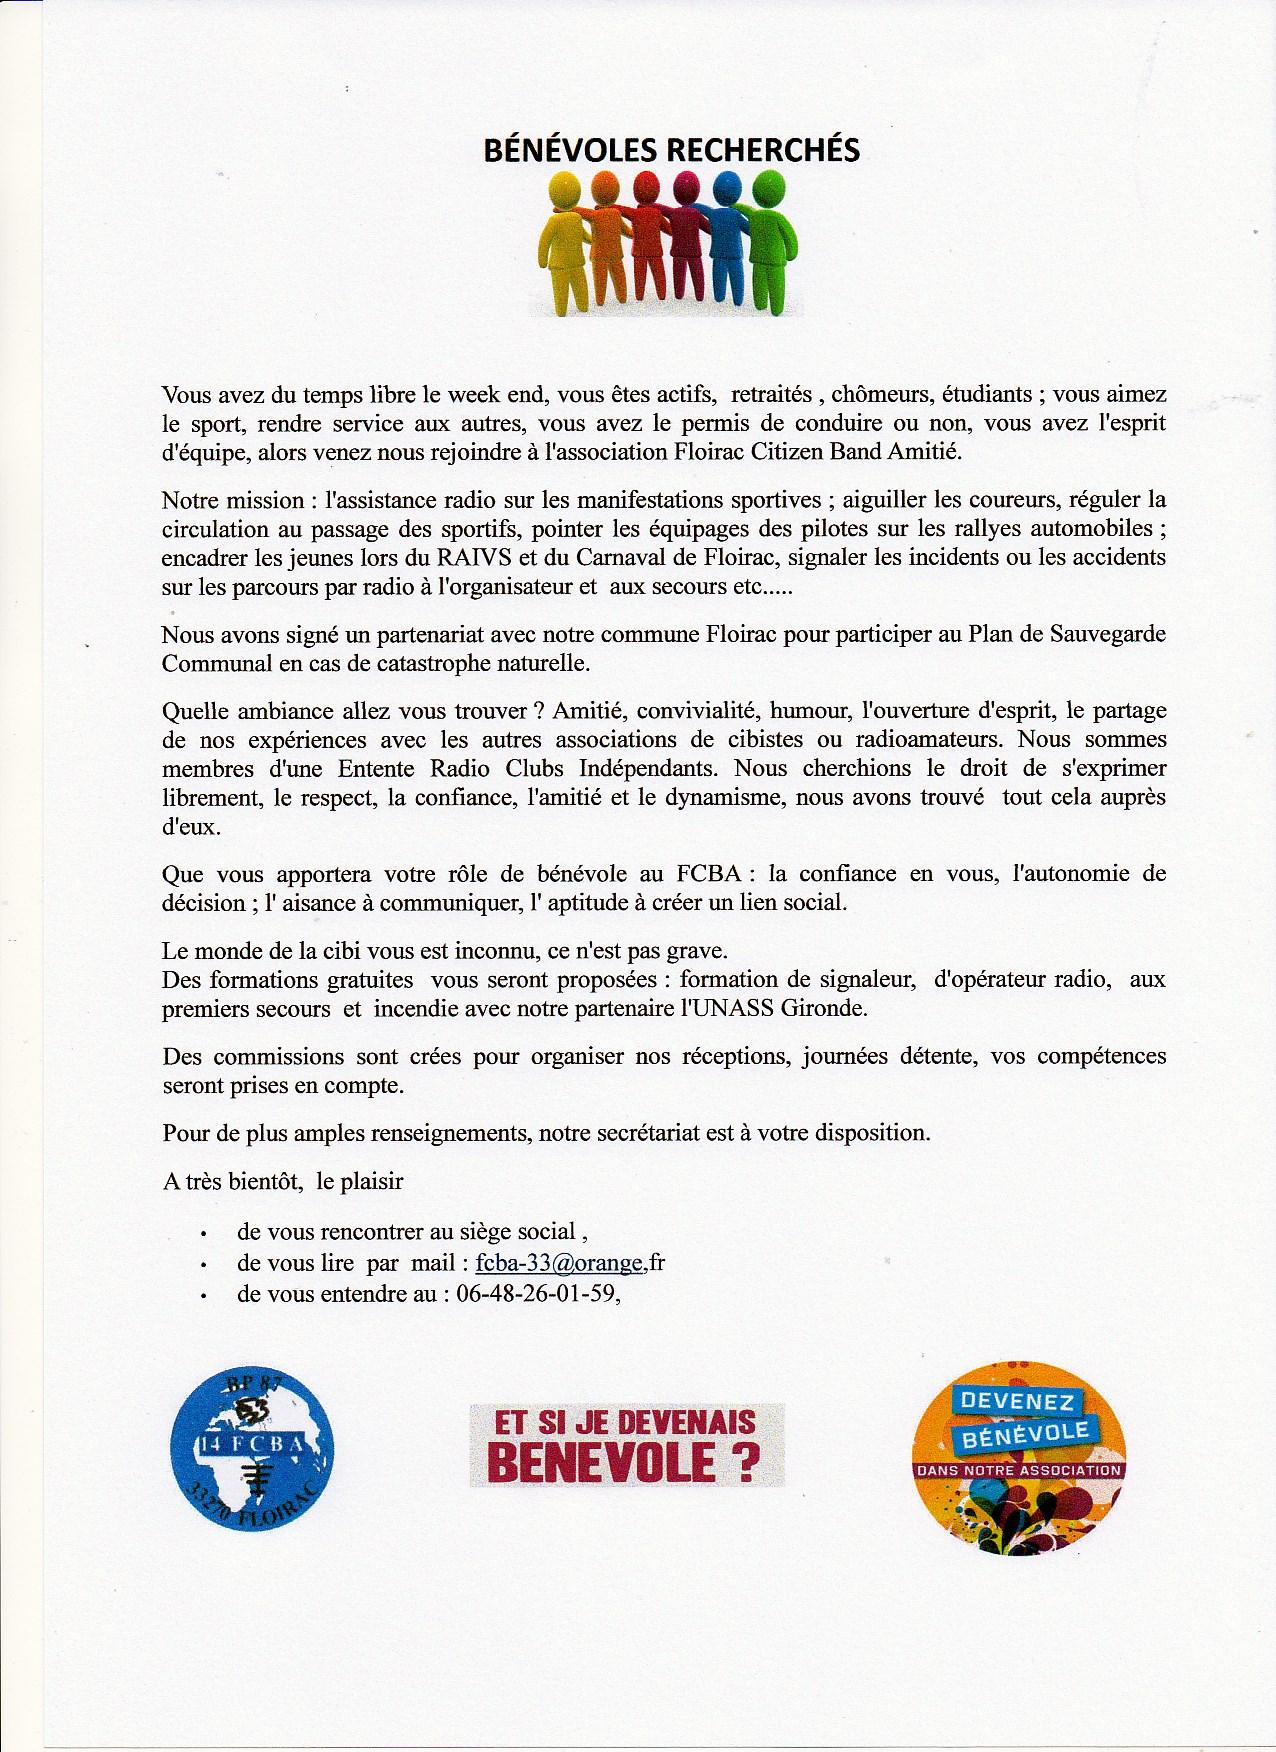 FCBA 33 - Floirac Citizen Band Amitié (33) - Page 4 Img-20180217-0001